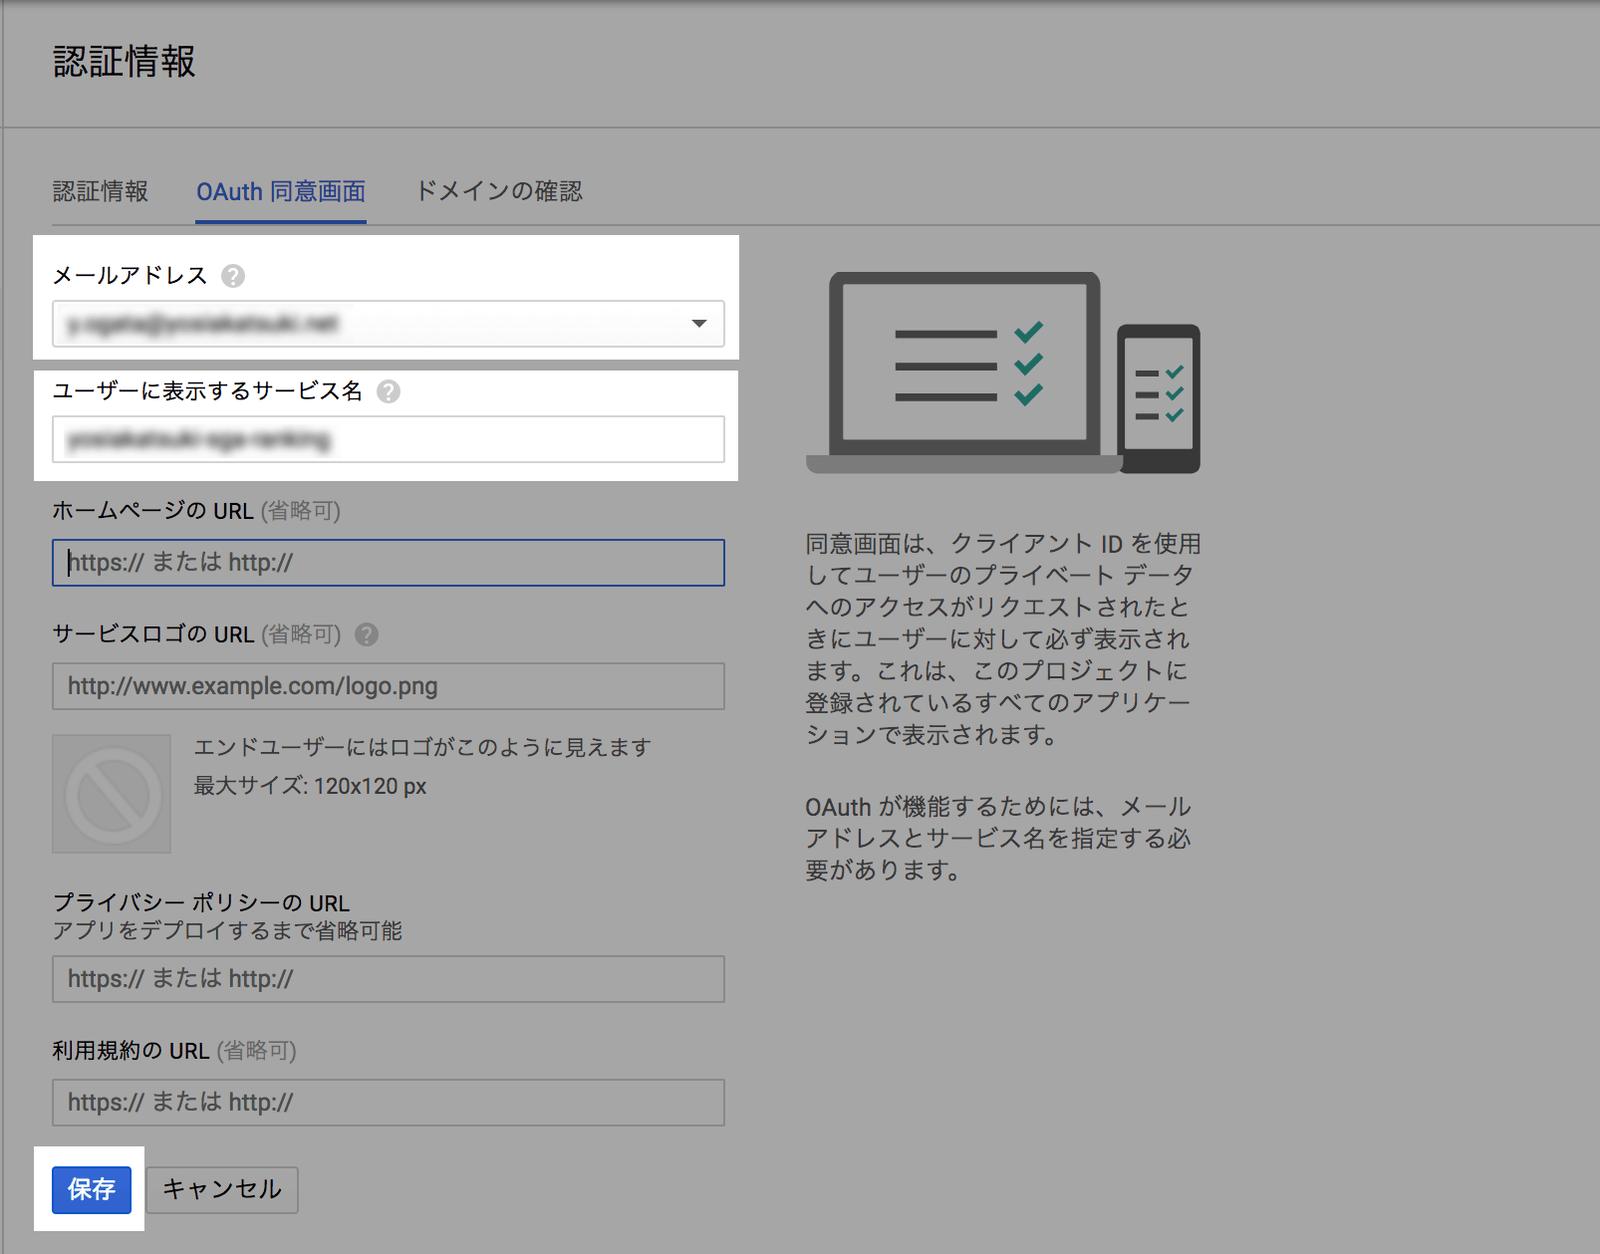 認証情報ページの設定にメールアドレス、ユーザーに表示するサービス名を入力する